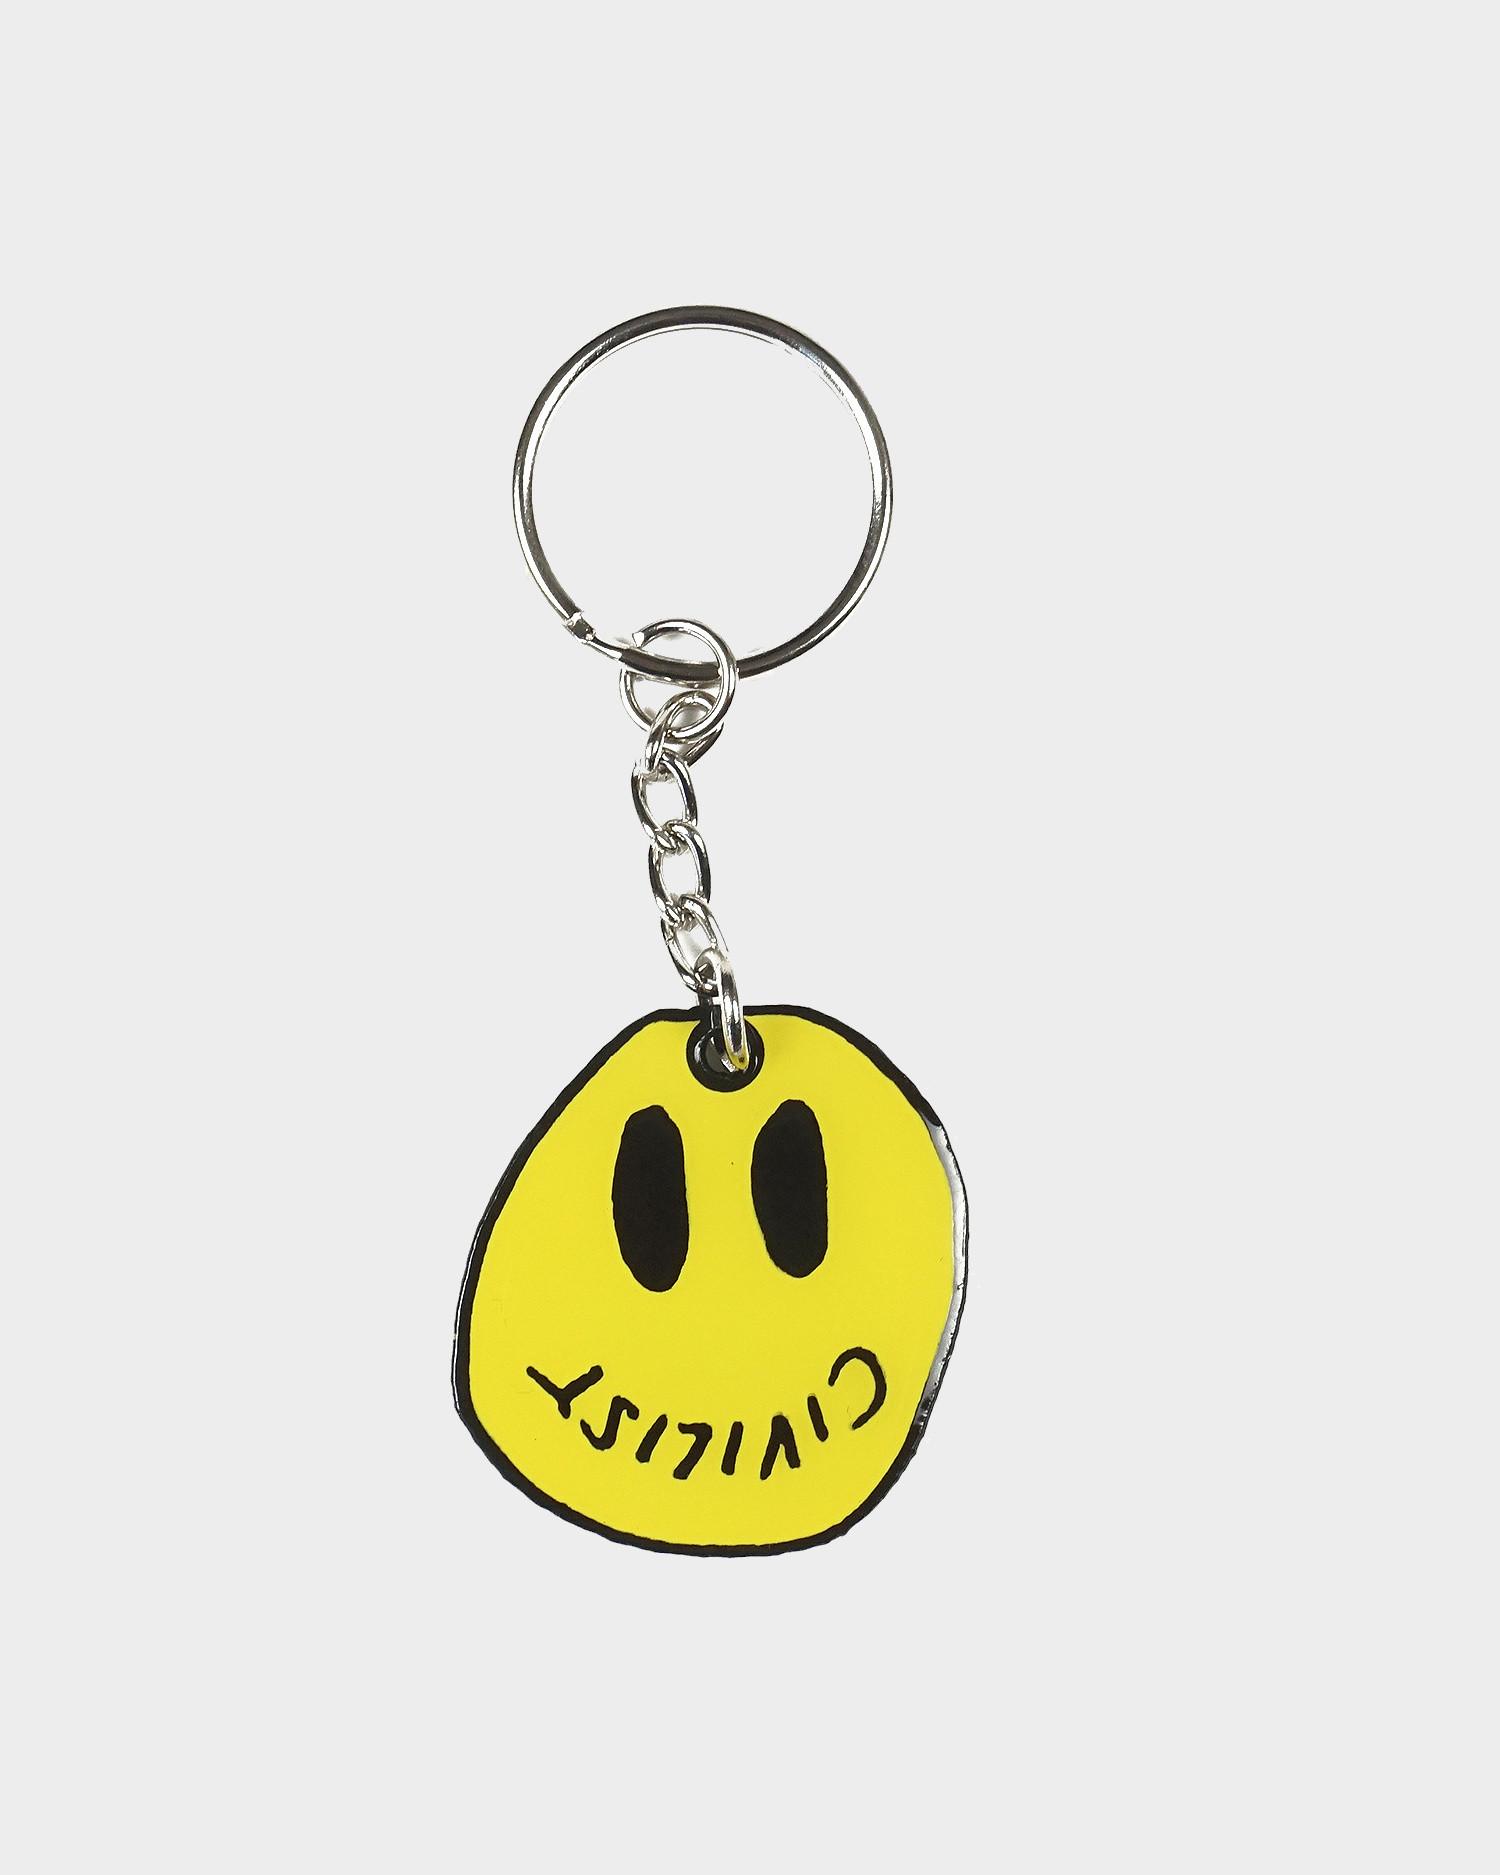 Civilist Smiler Keychain